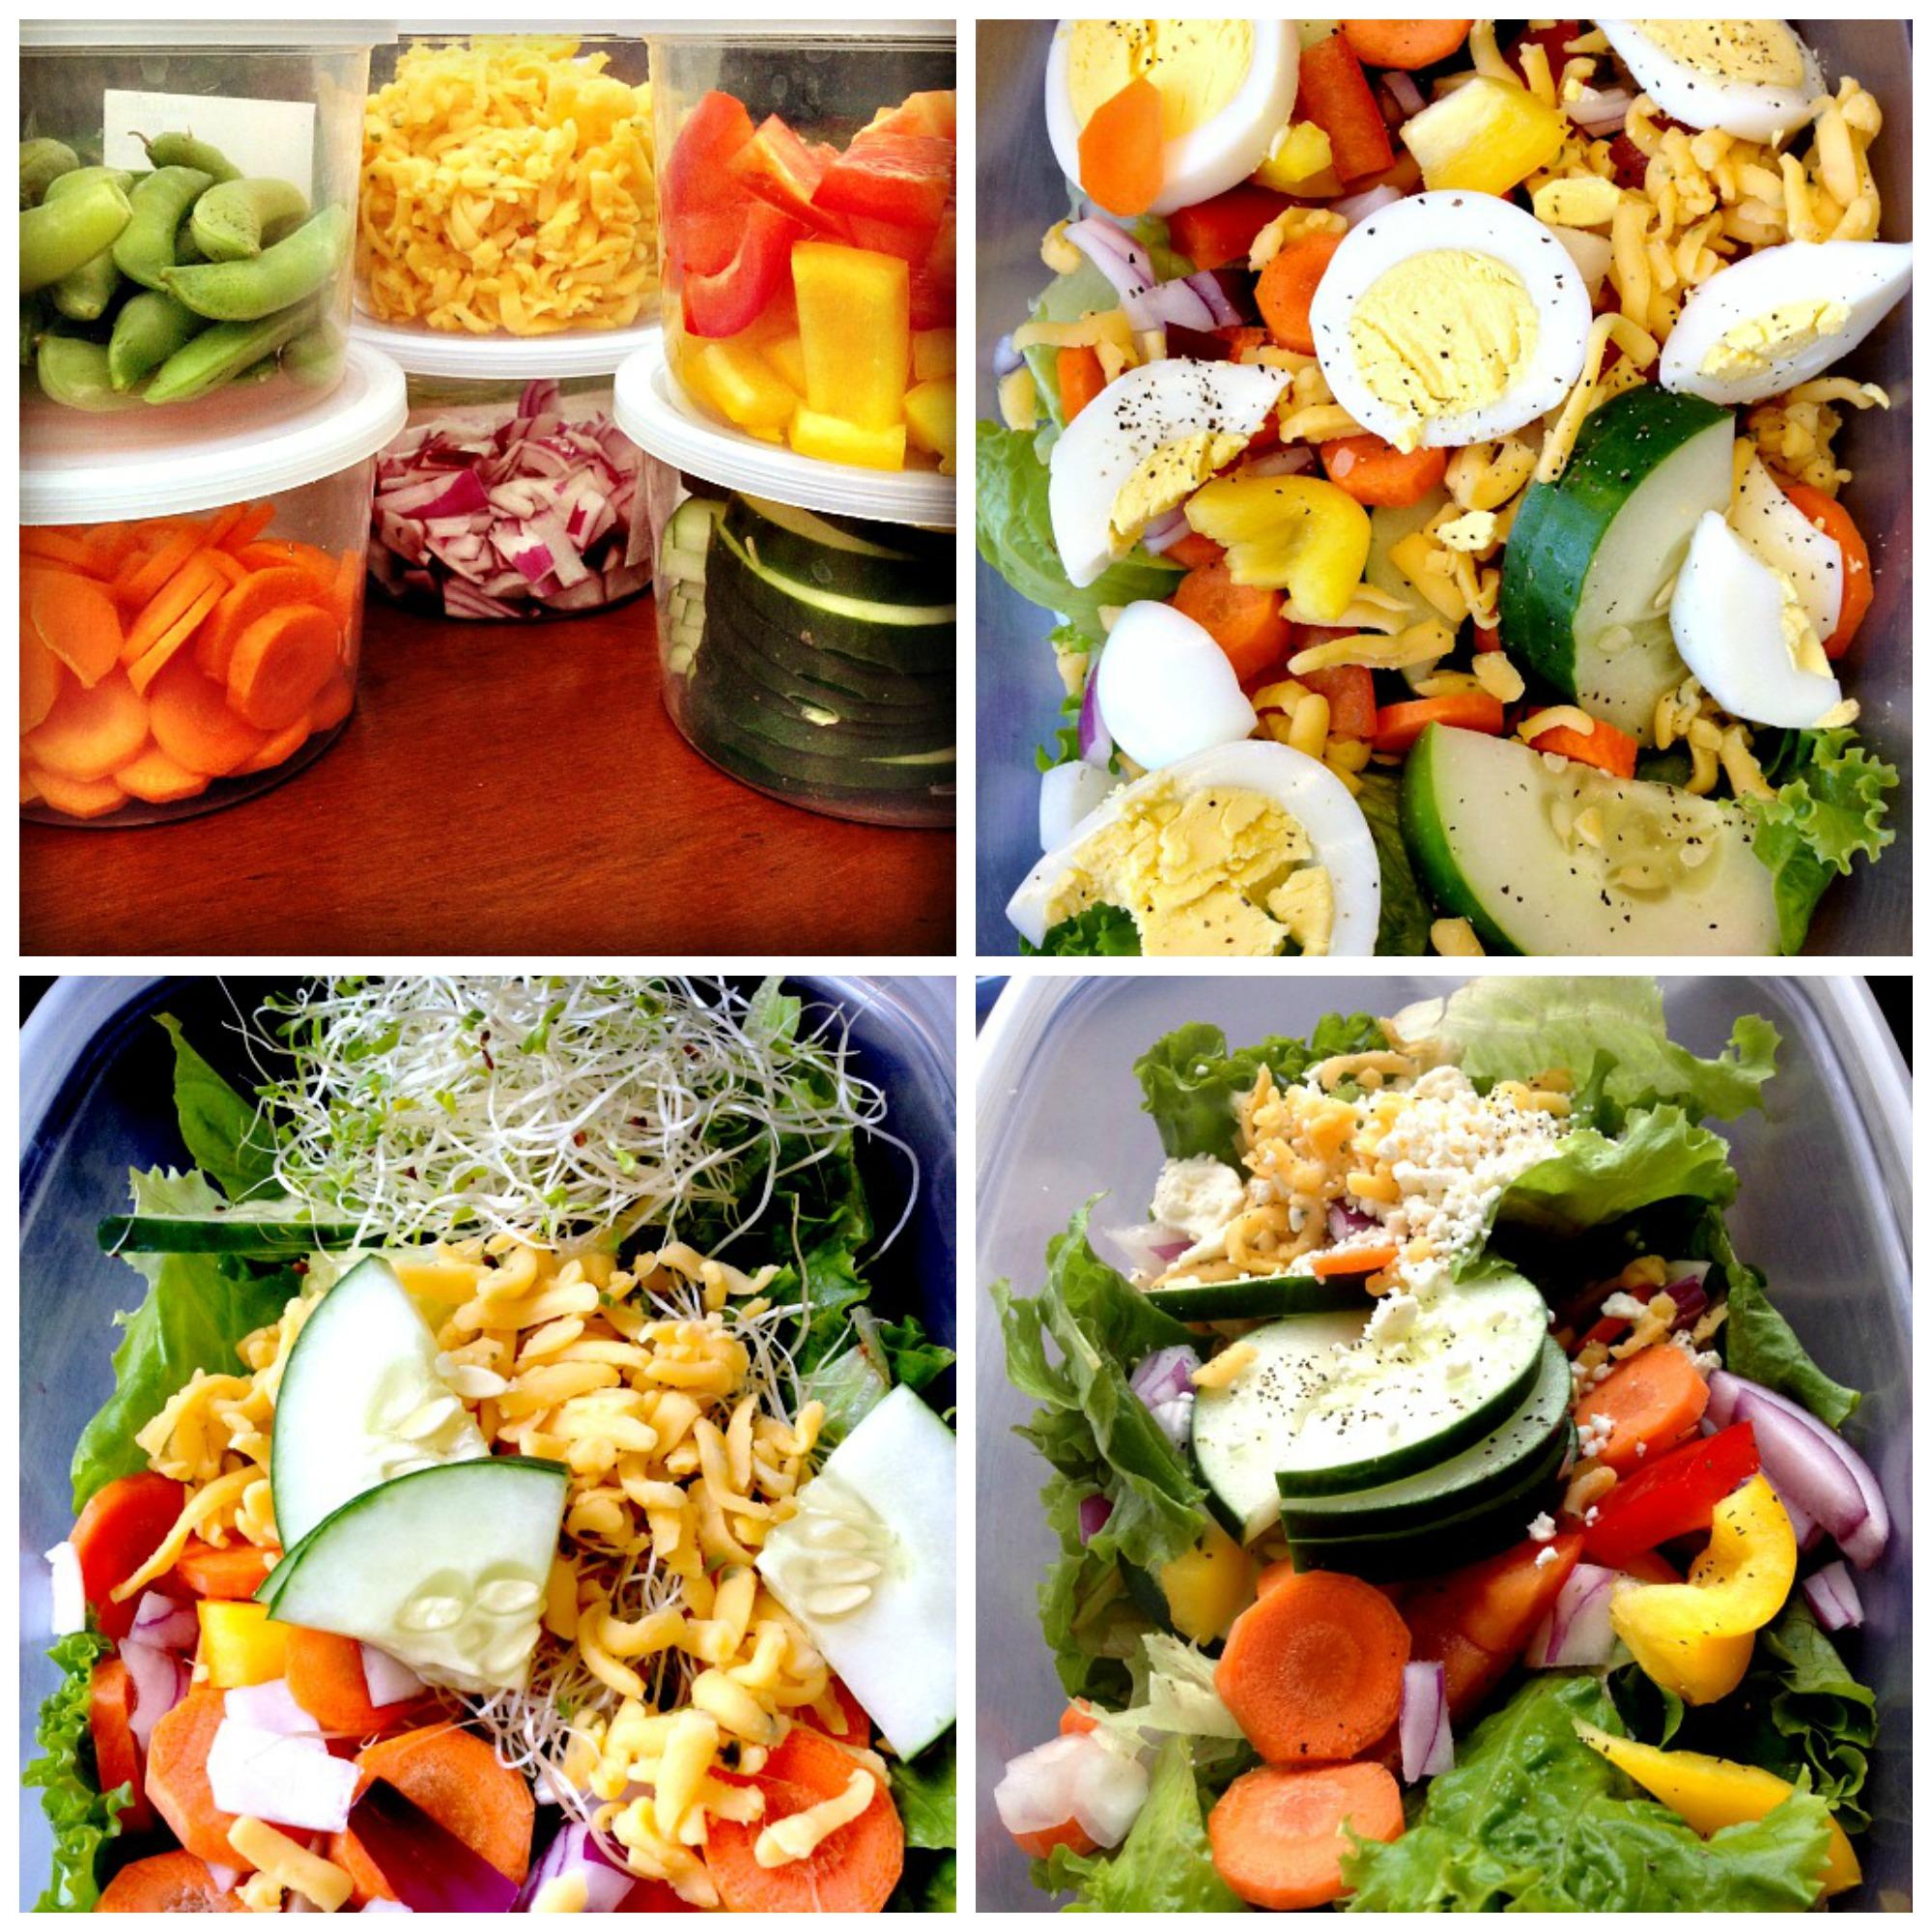 Summer 2013 CSA Week Three Salad Collage